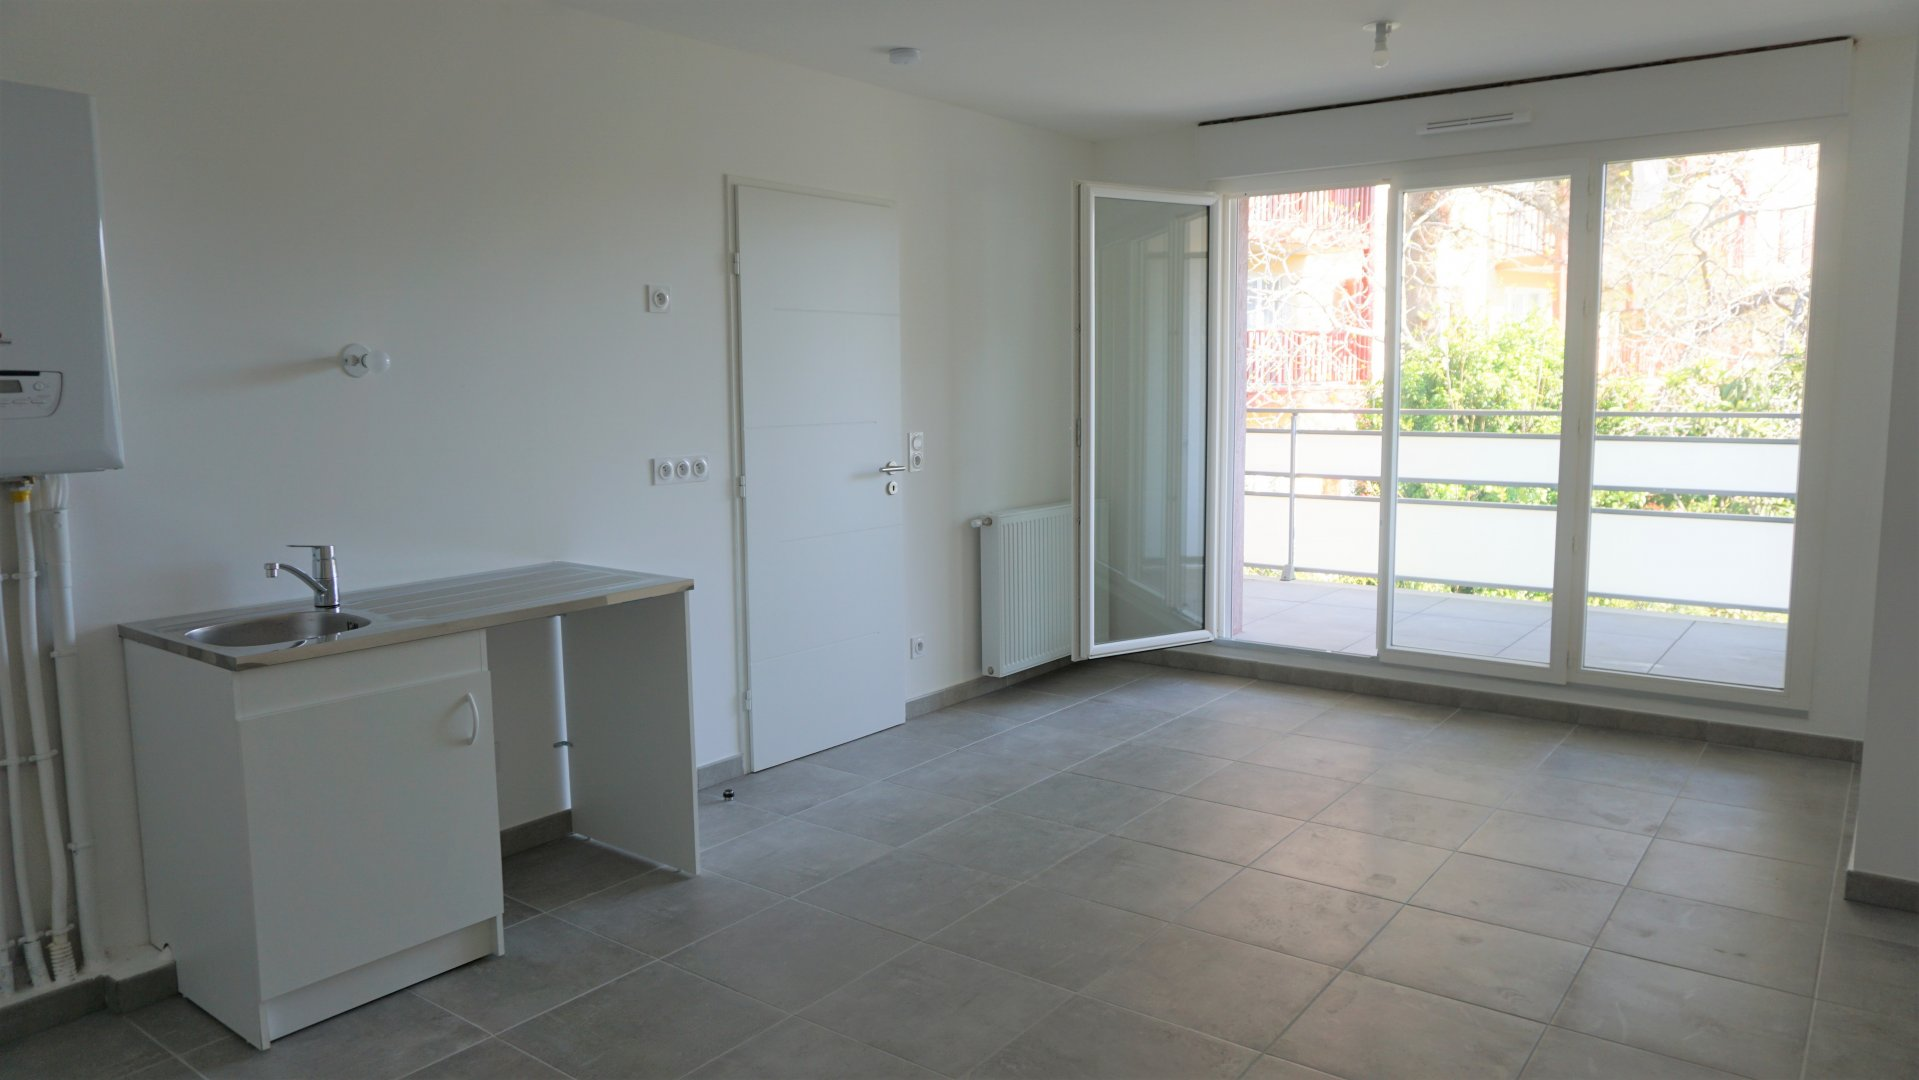 Appartement T2 à louer - CAVALAIRE-SUR-MER